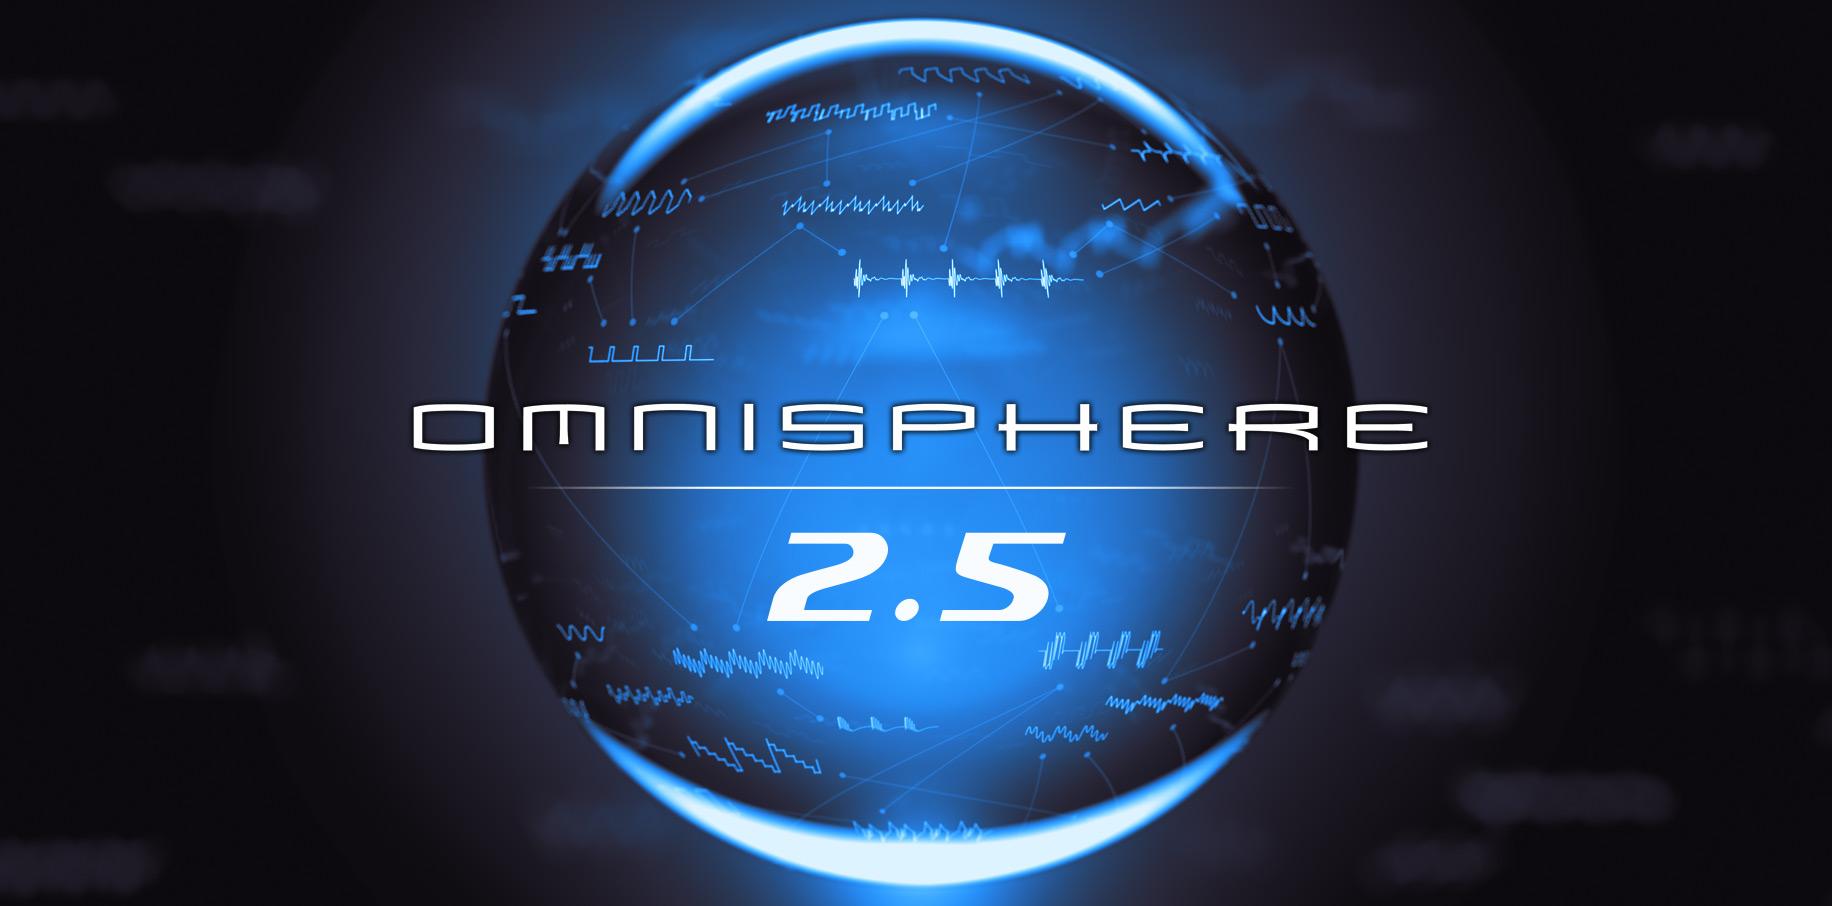 Spectrasonics News - Major Omnisphere 2.5 Update Released!